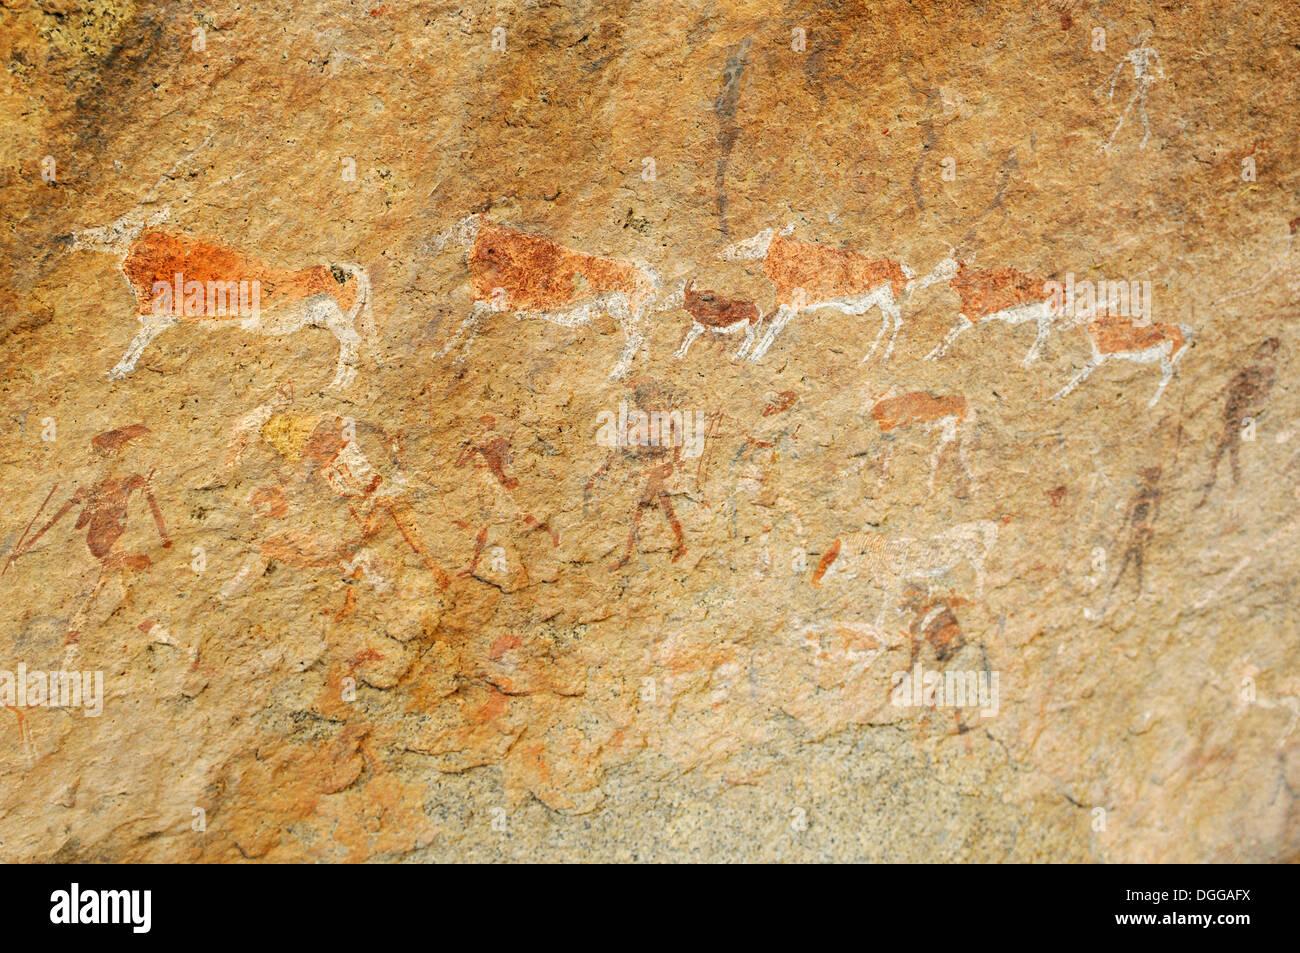 Pintura rupestre de los seres humanos y los animales en el Gorge, Tsisab Brandberg, Damaraland, región Kunene, Namibia Imagen De Stock